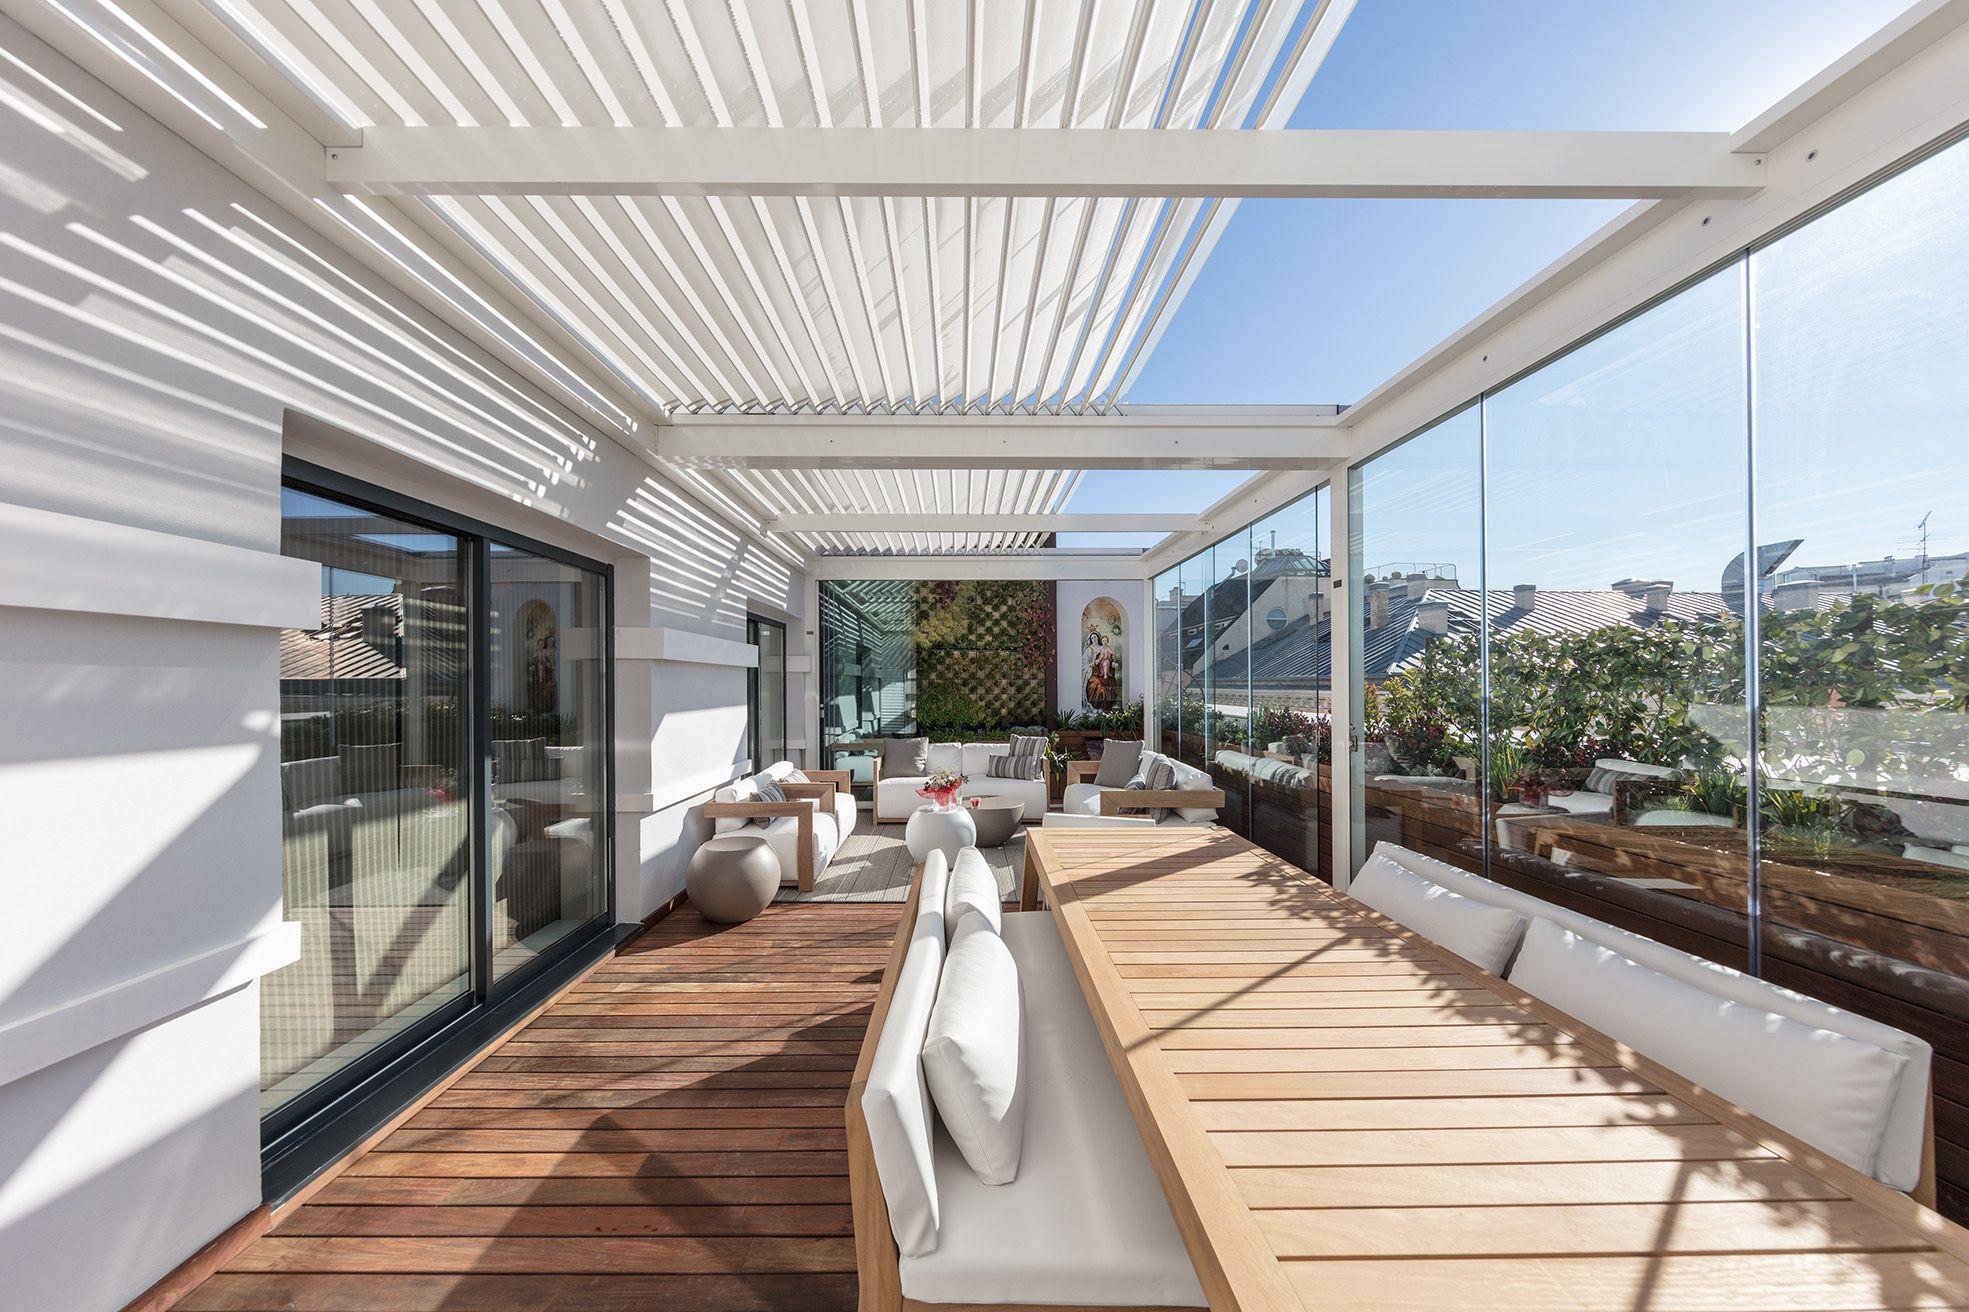 terraza con prgola bioclimtica en madrid